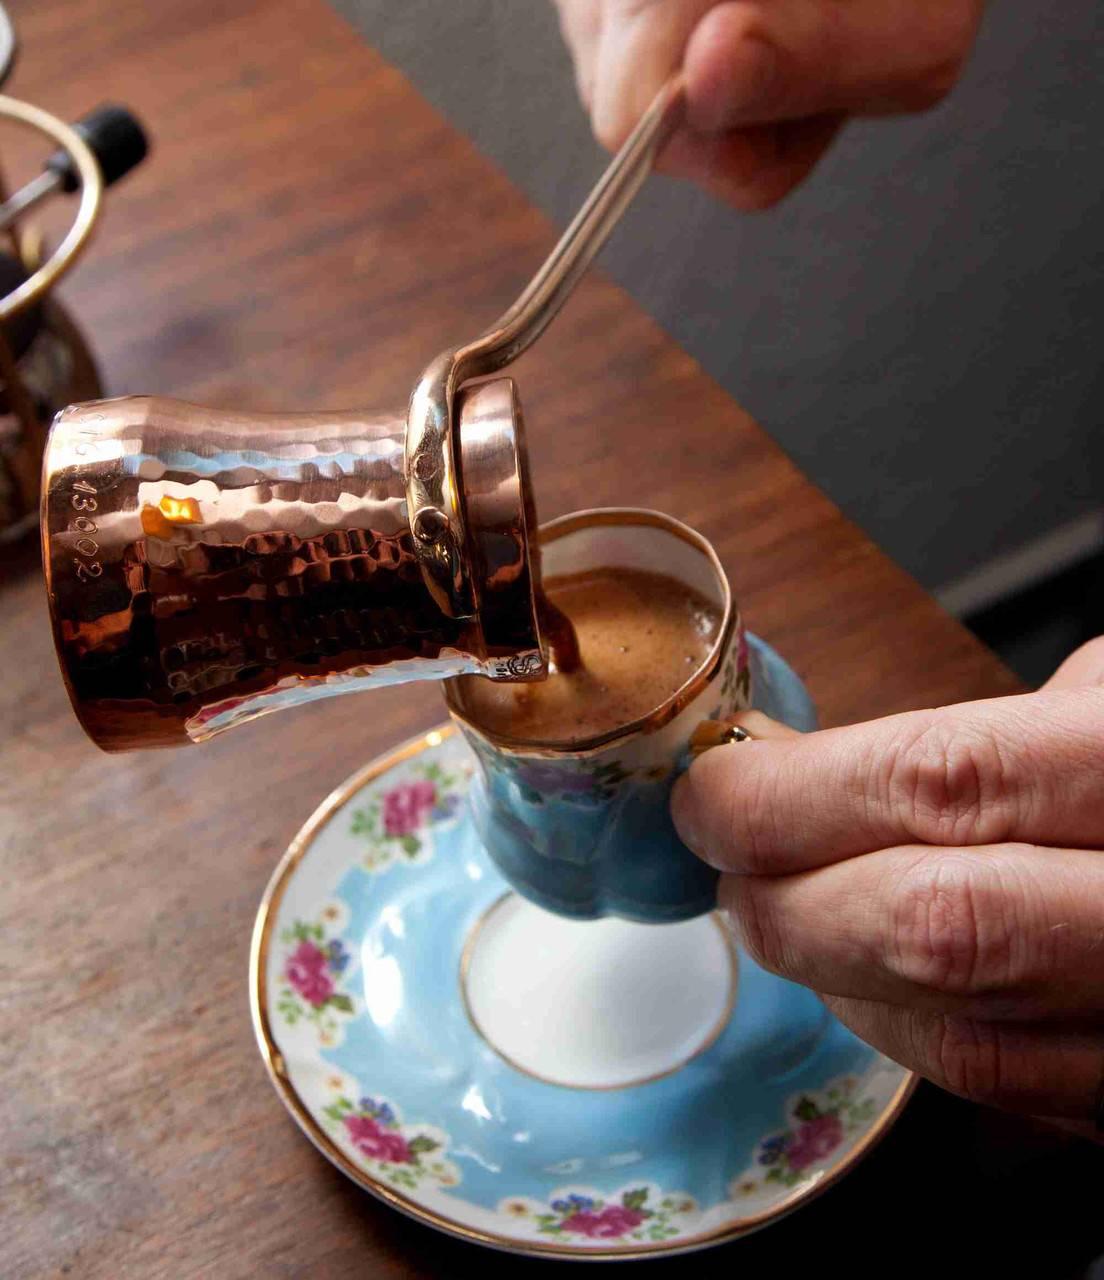 Турка для кофе: как выбрать правильно, какая лучше - медная или латунная, электрическая или для плиты и другие варианты + отзывы, фото и видео